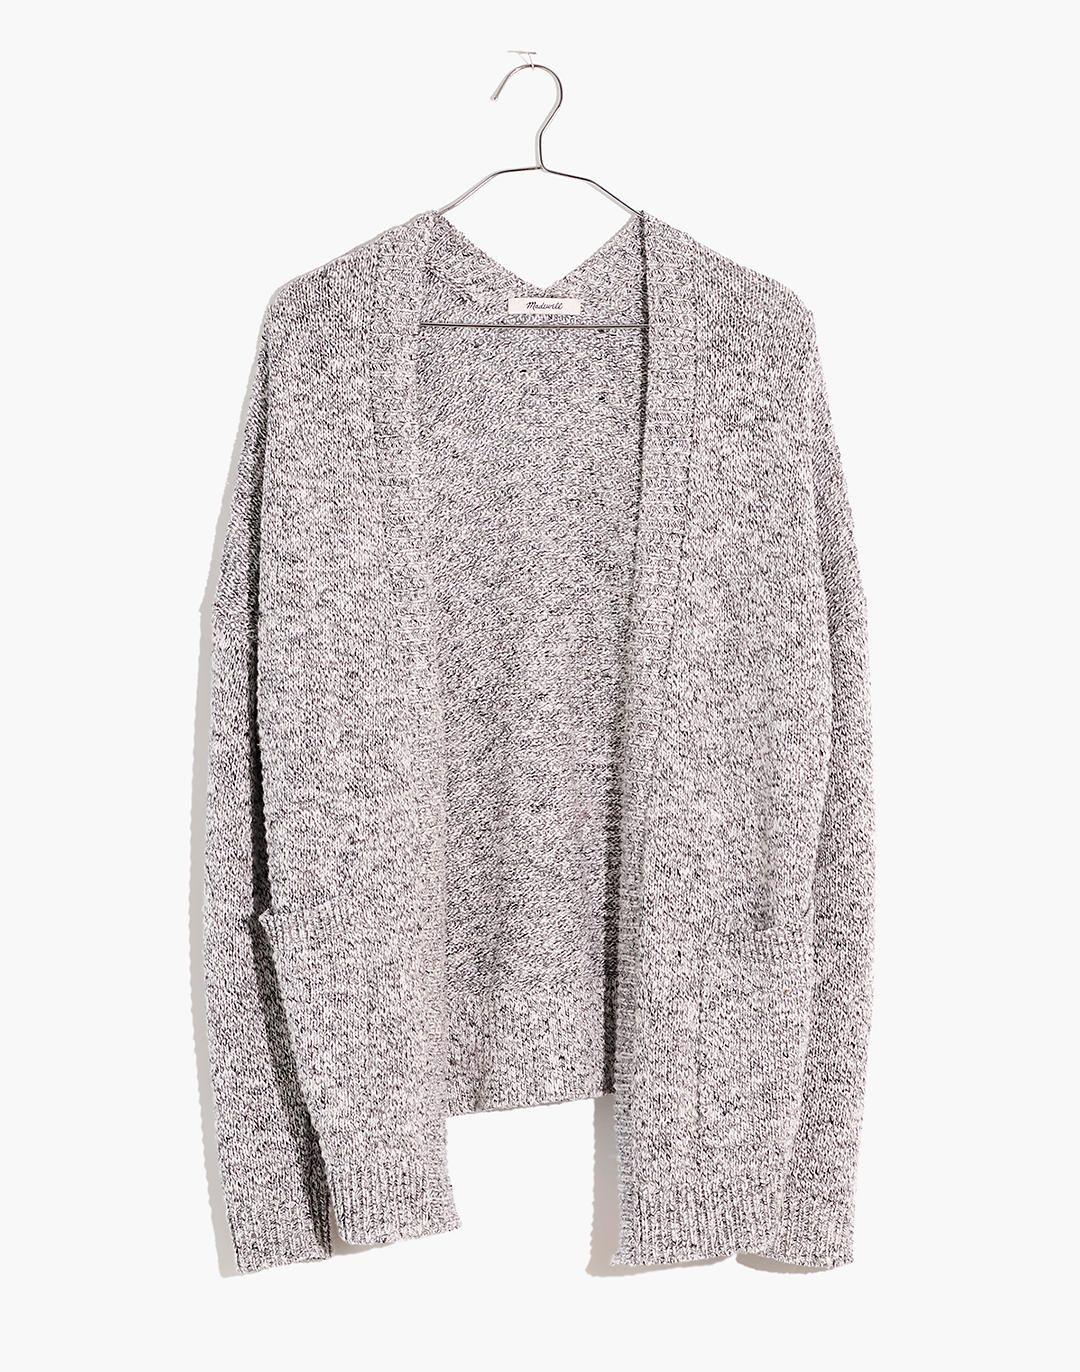 95c13c9a814eb1 Marled Glenmont Cardigan Sweater in 2019 | w a r d r o b e ...